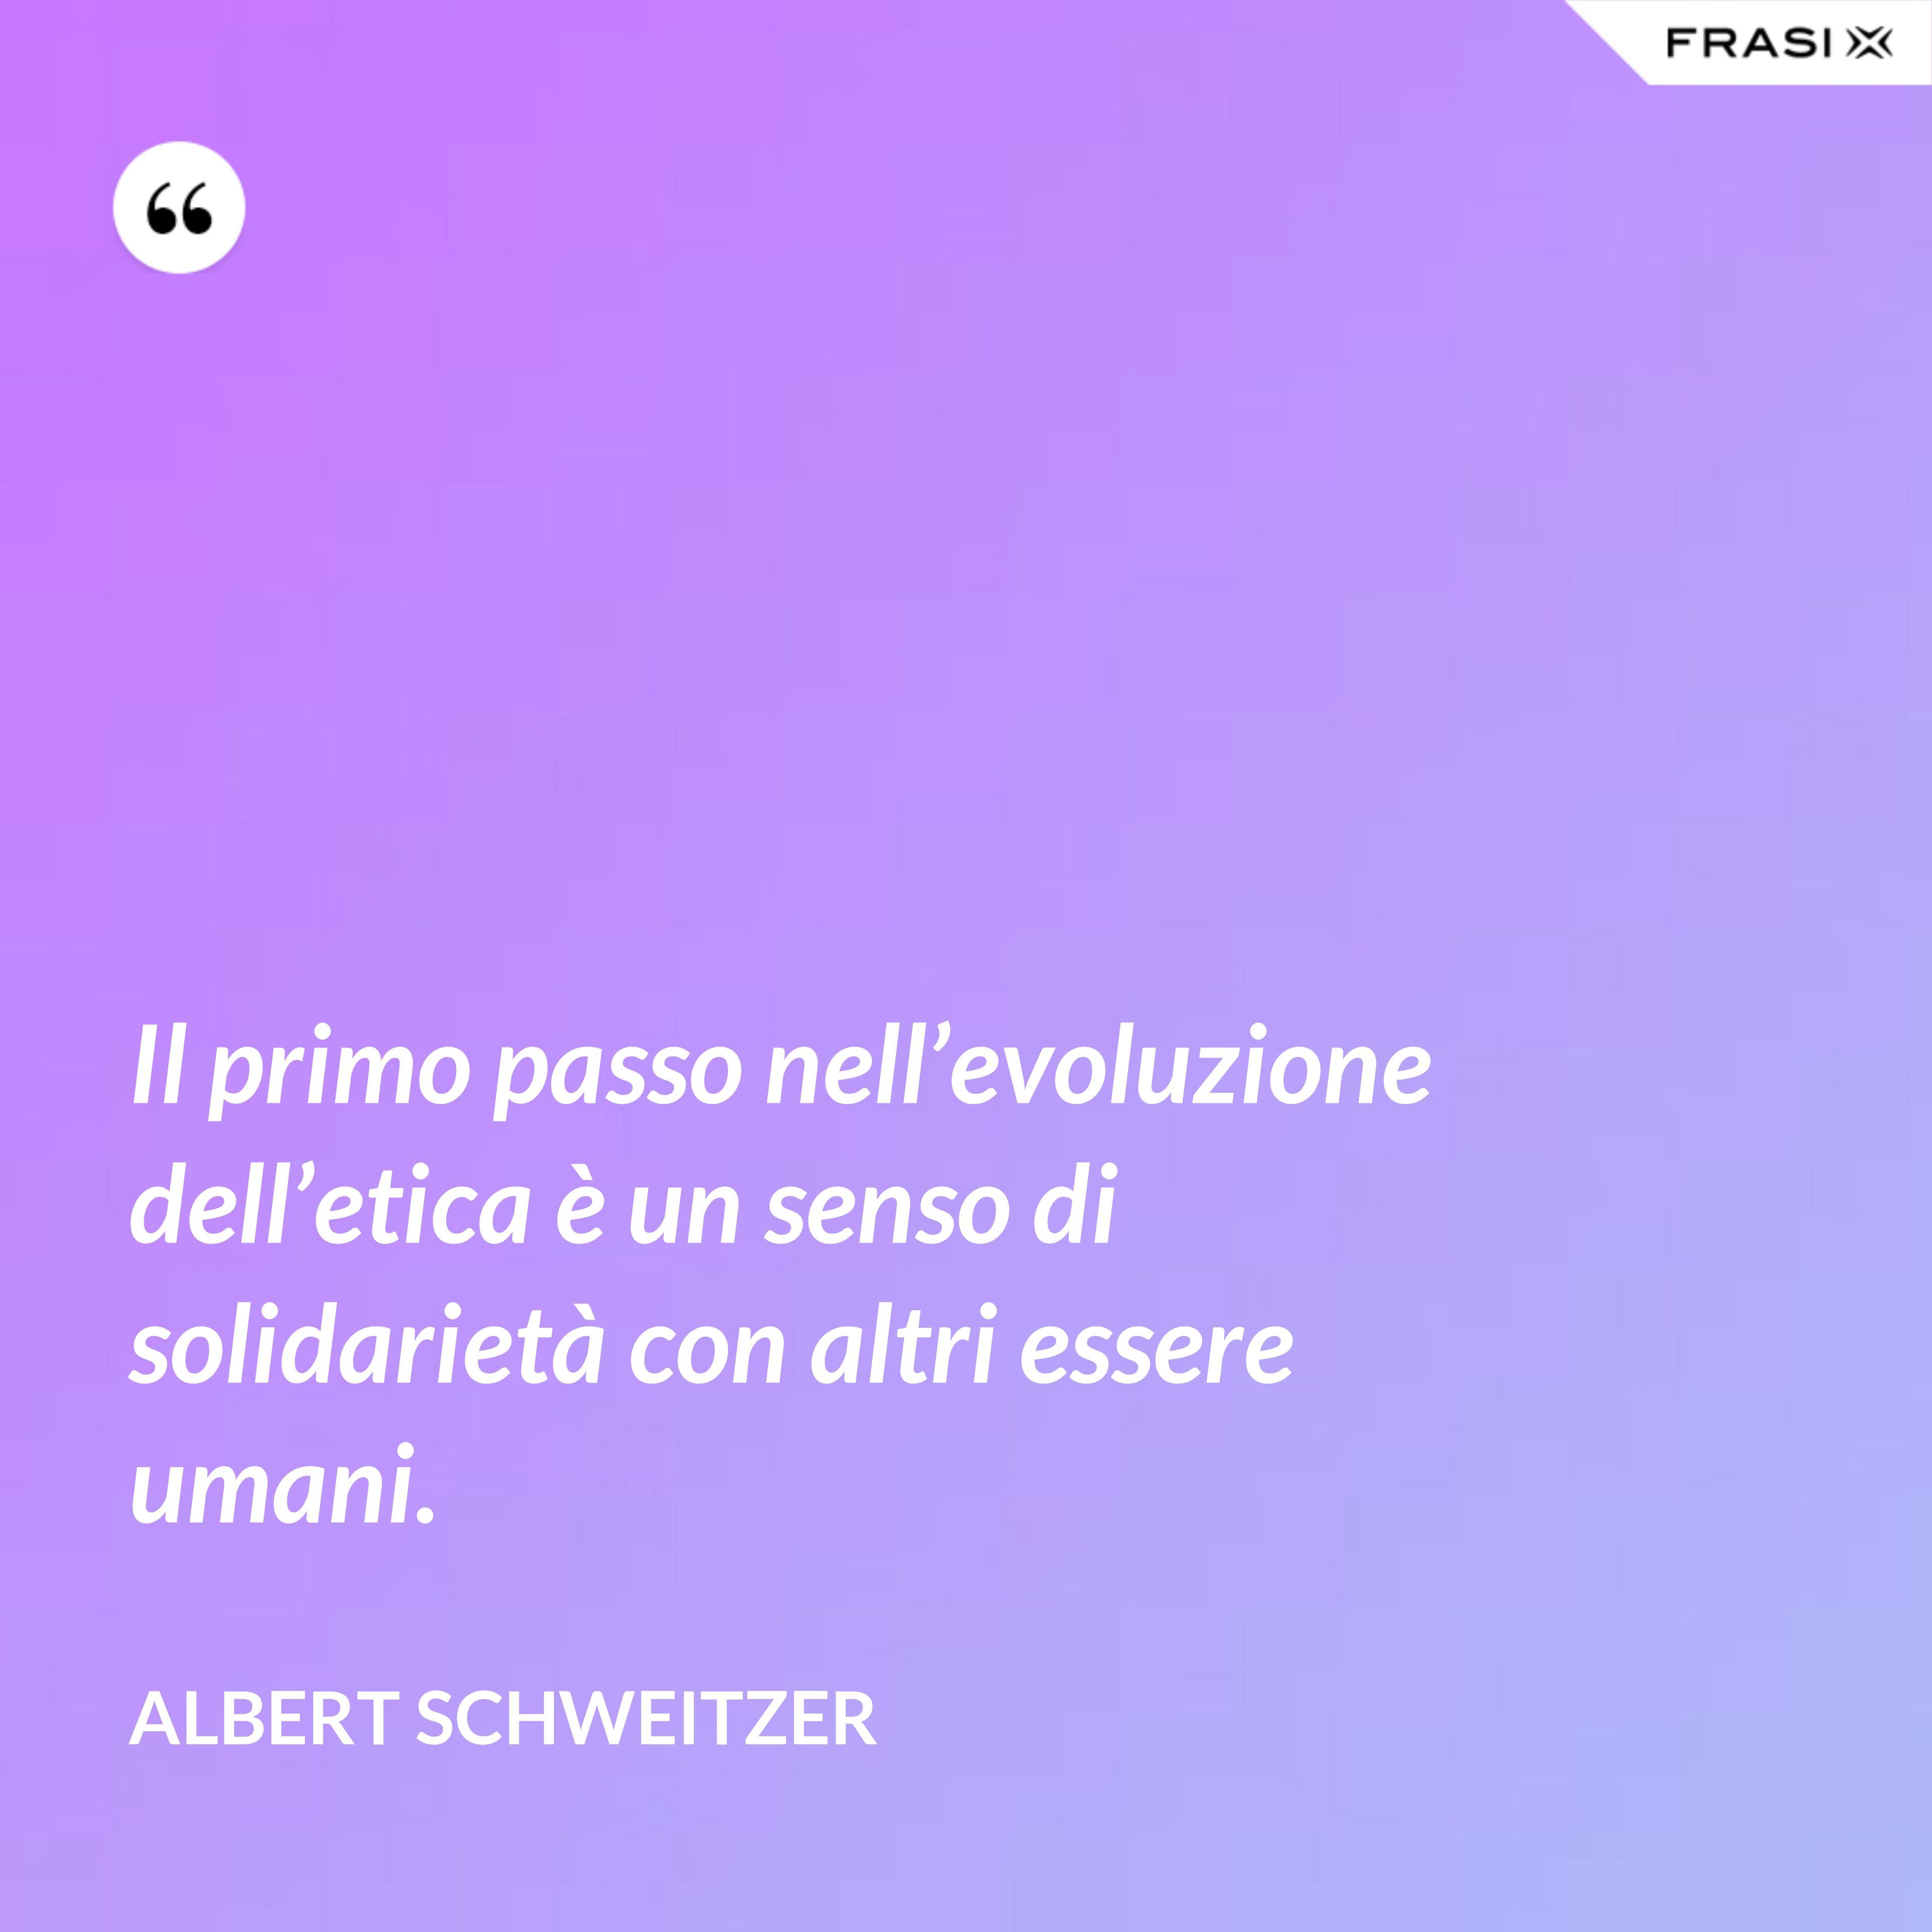 Il primo passo nell'evoluzione dell'etica è un senso di solidarietà con altri essere umani. - Albert Schweitzer